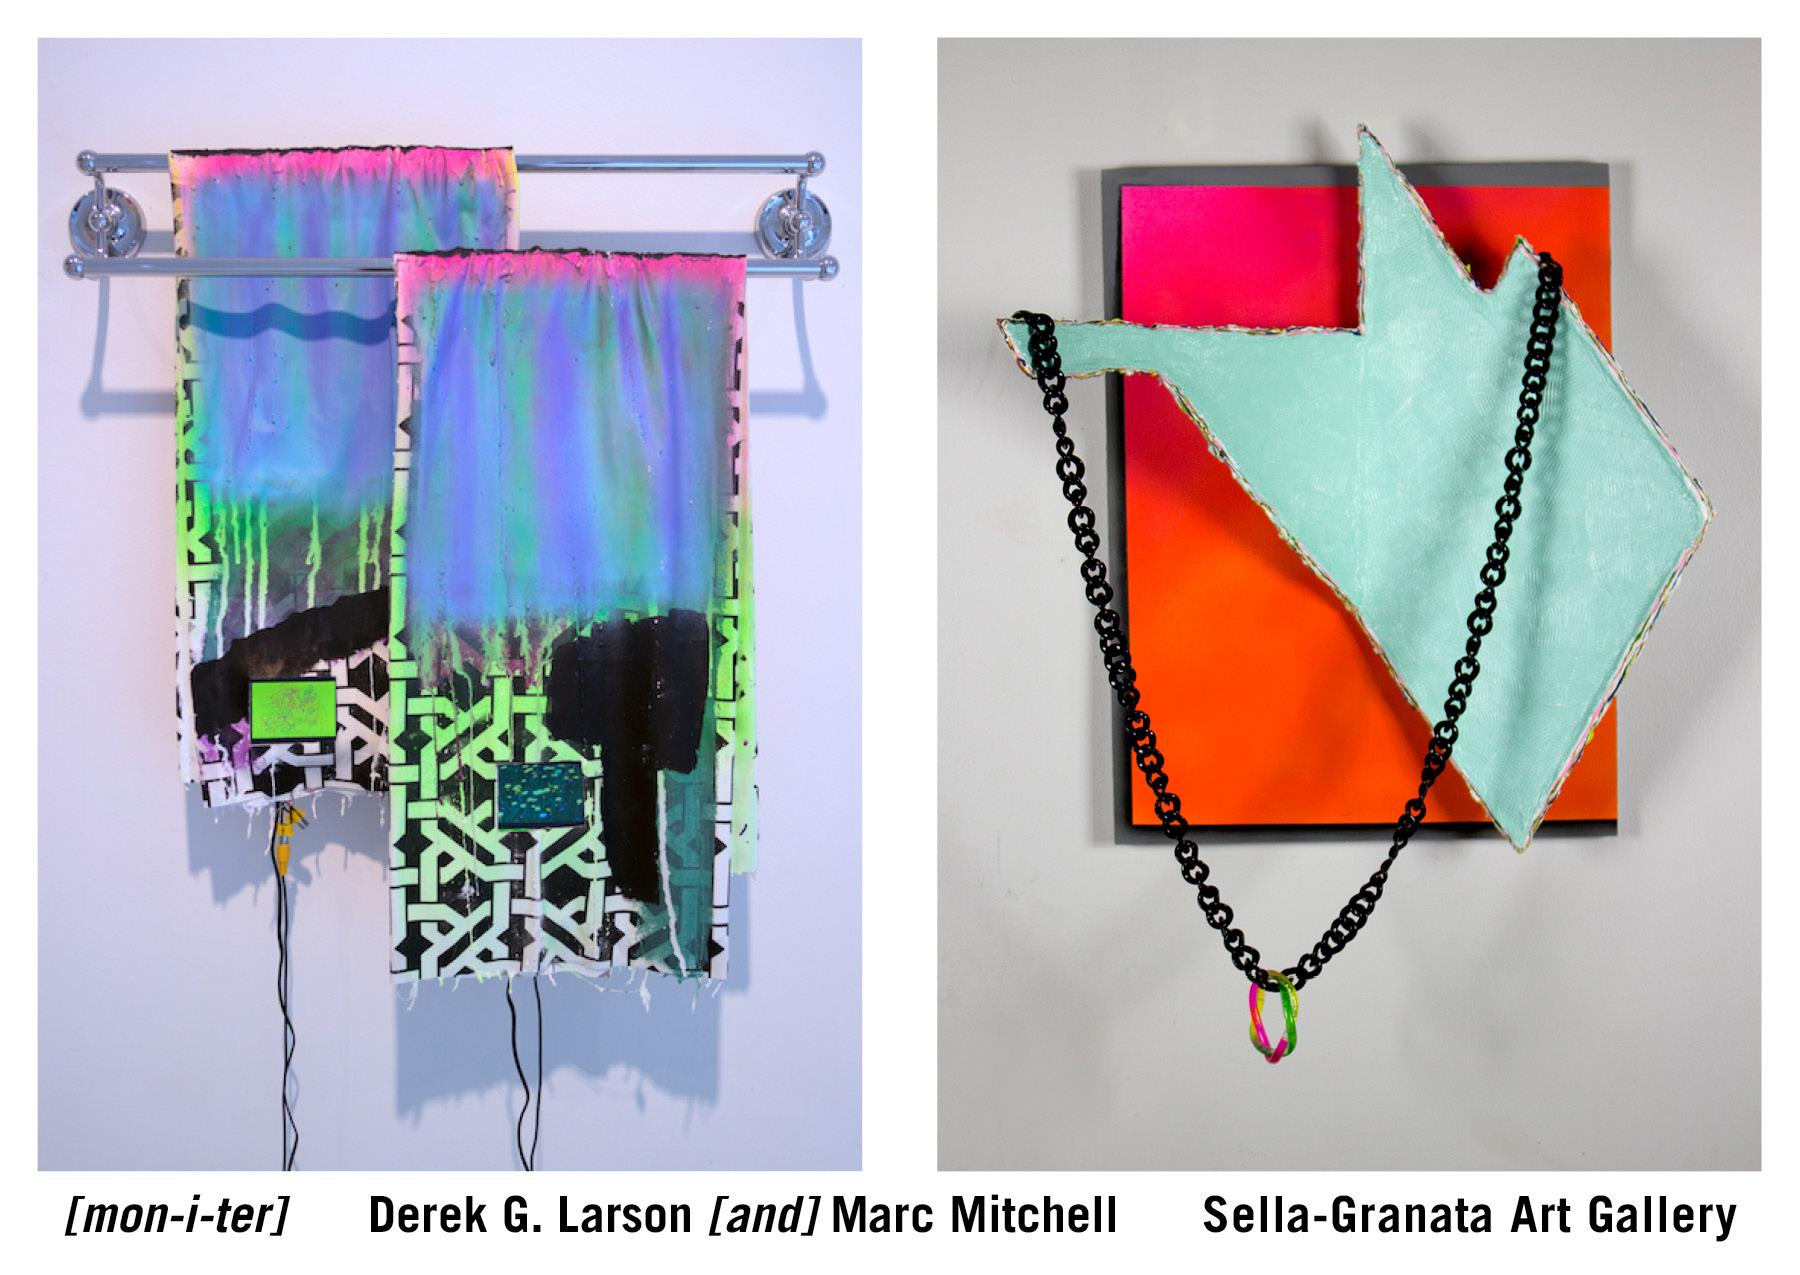 Derek G. Larson and Marc Mitchell: [mon-i-ter], September 22–October 23, 2015, Sella-Granata Art Gallery, Woods Hall.